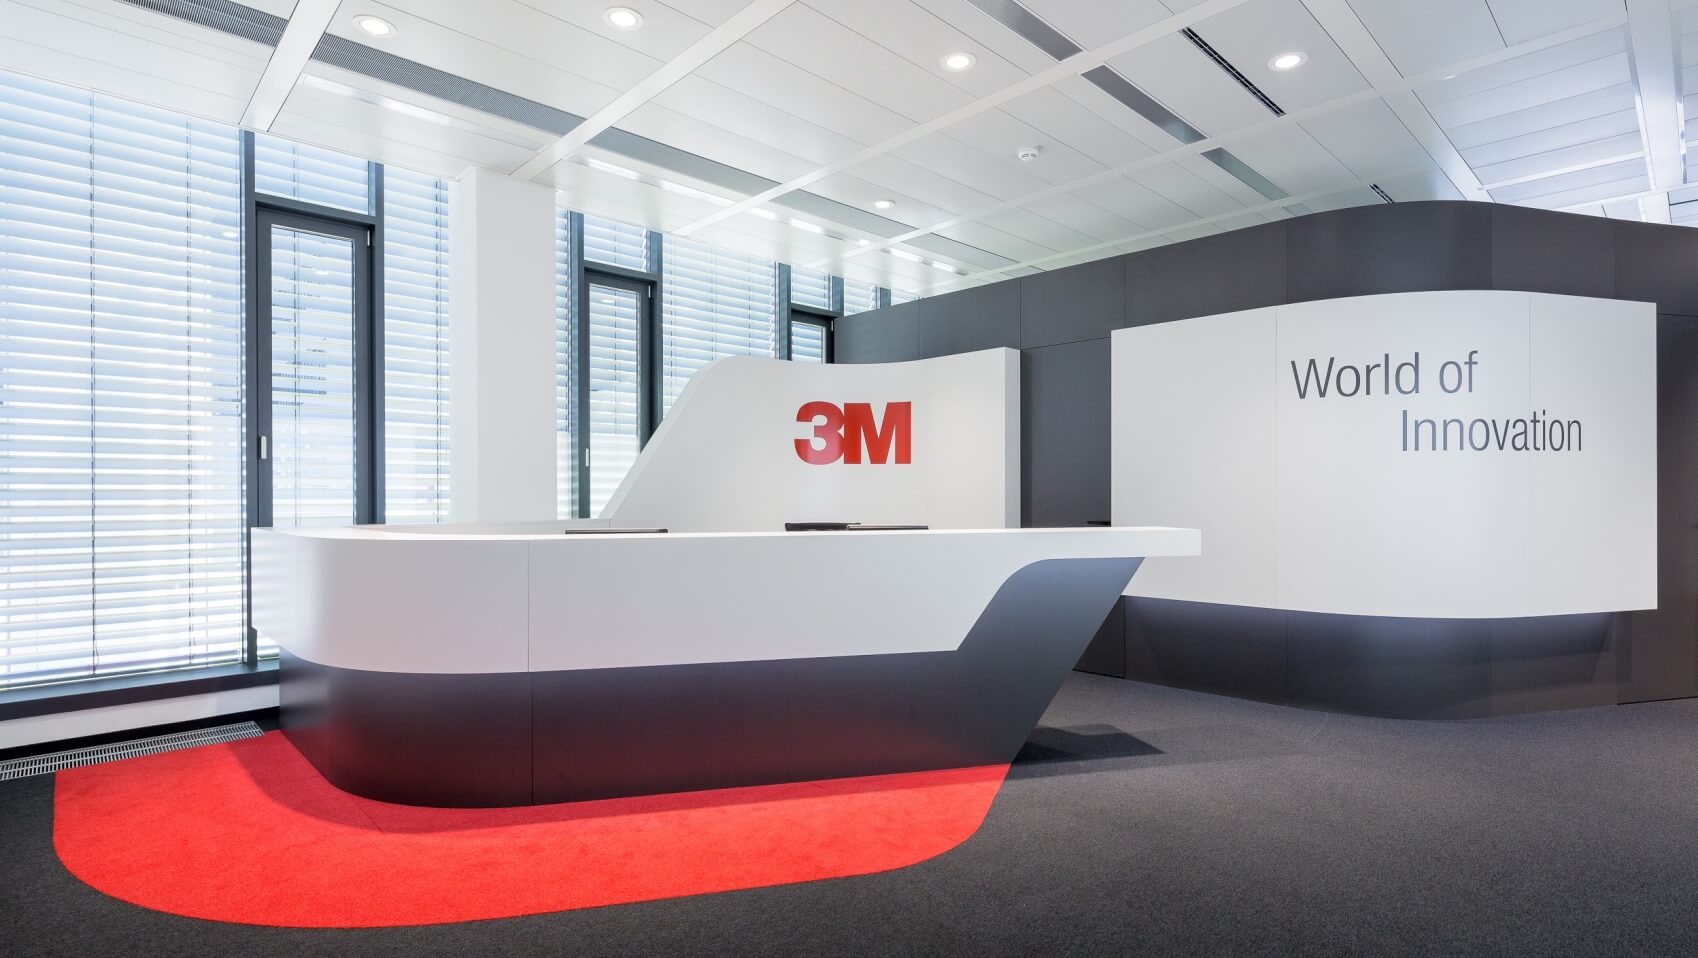 Empfangsbereich-Foyer-Innenausbau-von-ixpo-Arbeitswelten-Büroausstattung